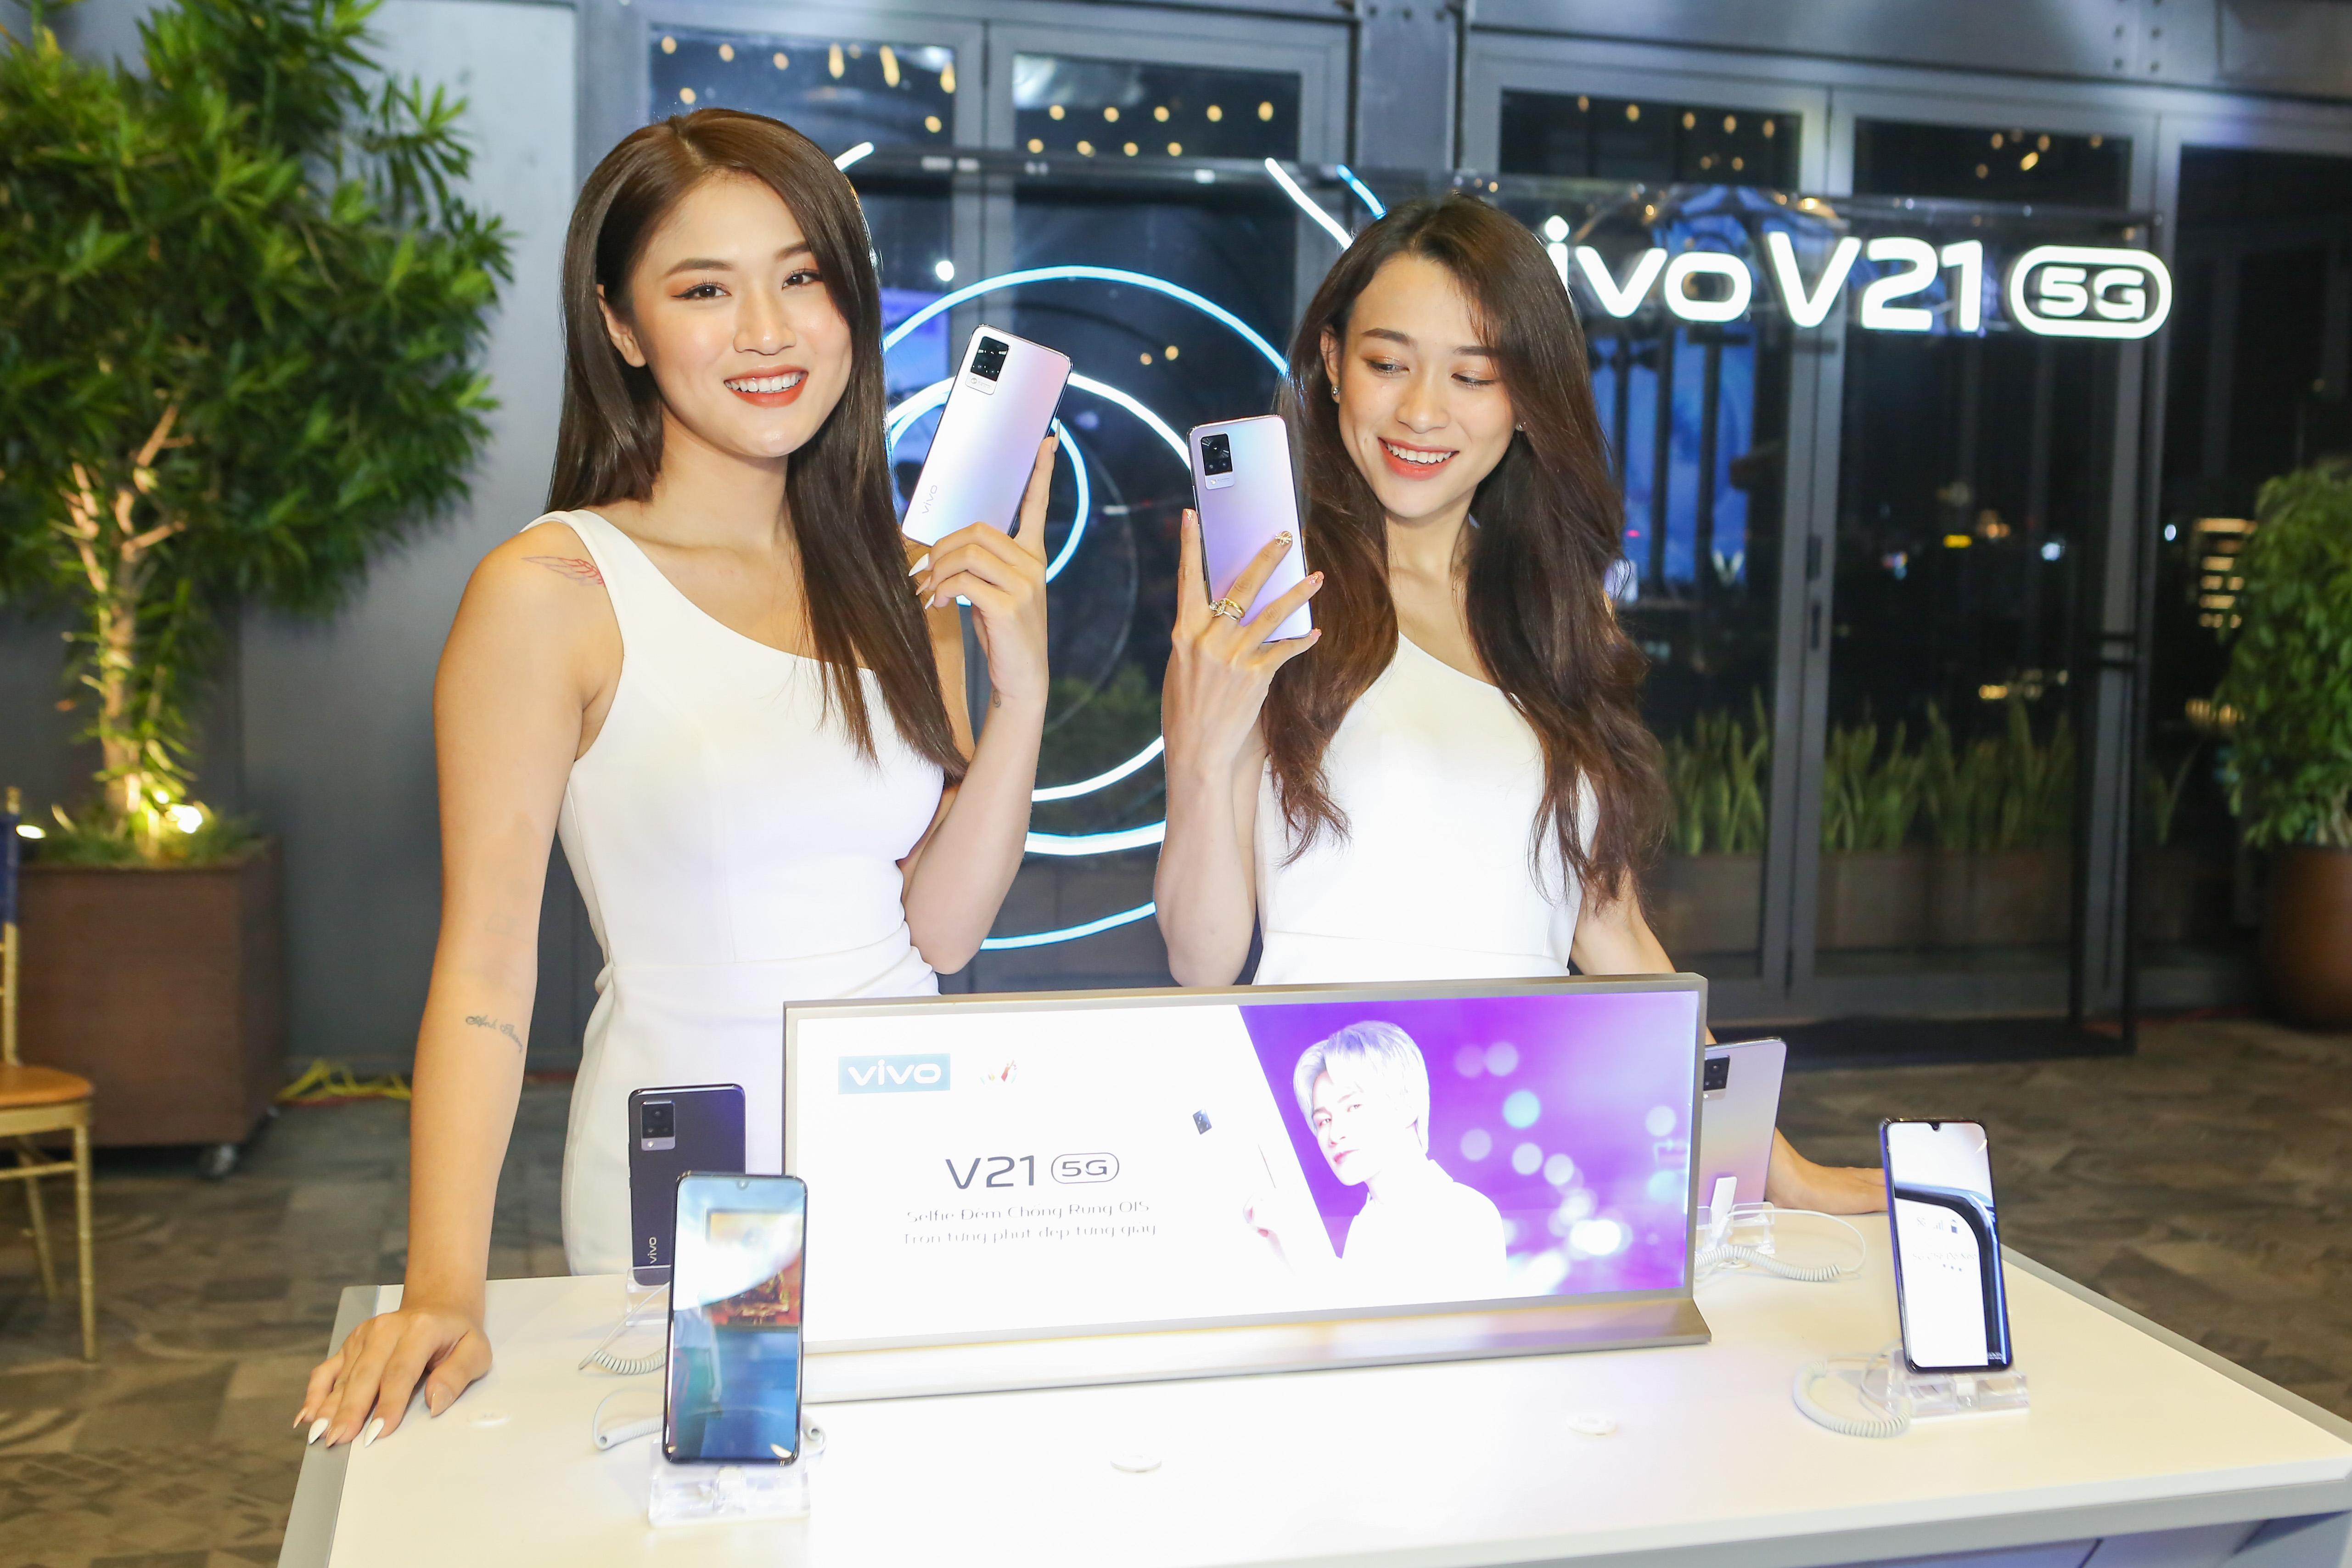 Tân binh vivo V21 5G ra mắt với thiết kế thời thượng cùng camera selfie đỉnh 44MP OIS - Ảnh 1.